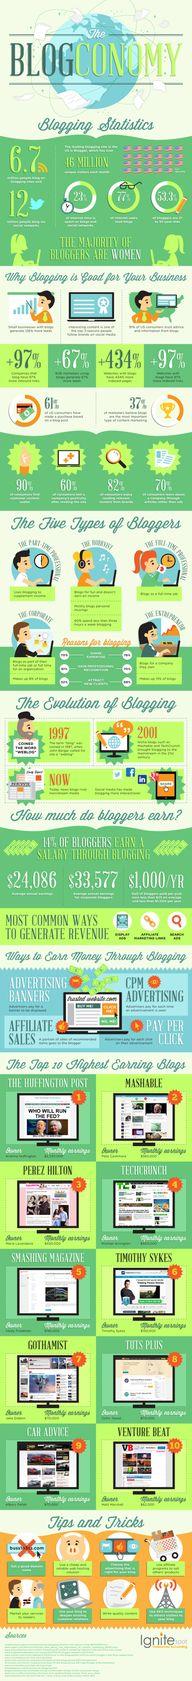 highest earning blog